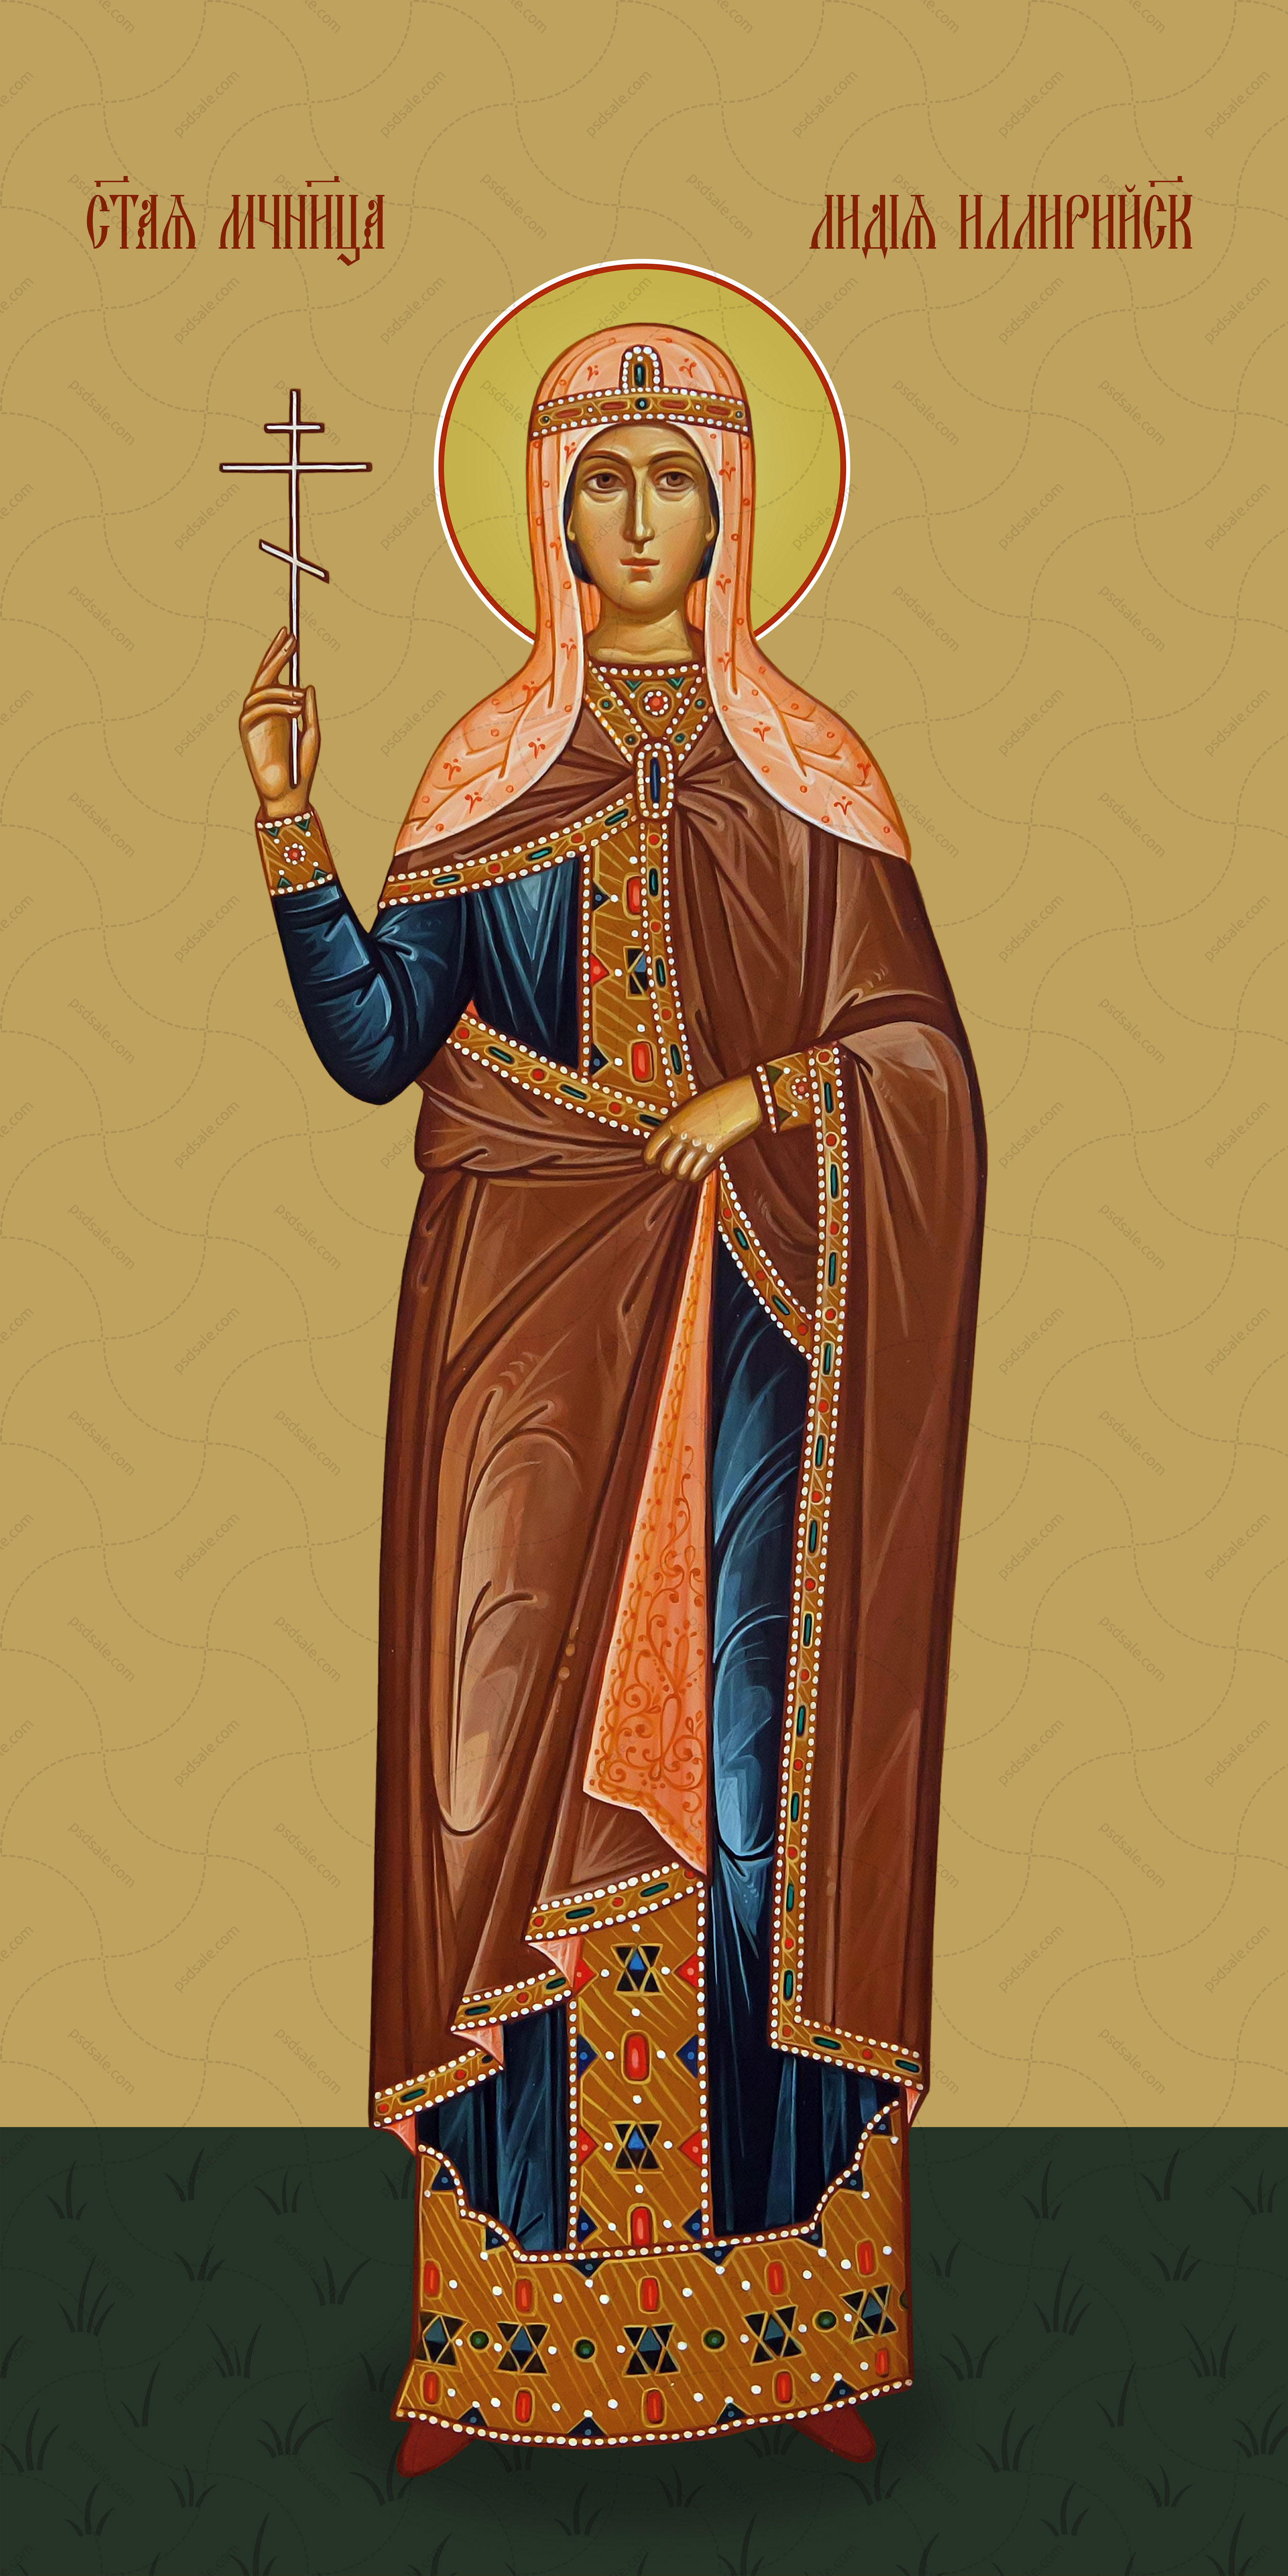 Мерная икона, Лидия Иллирийская, мученица